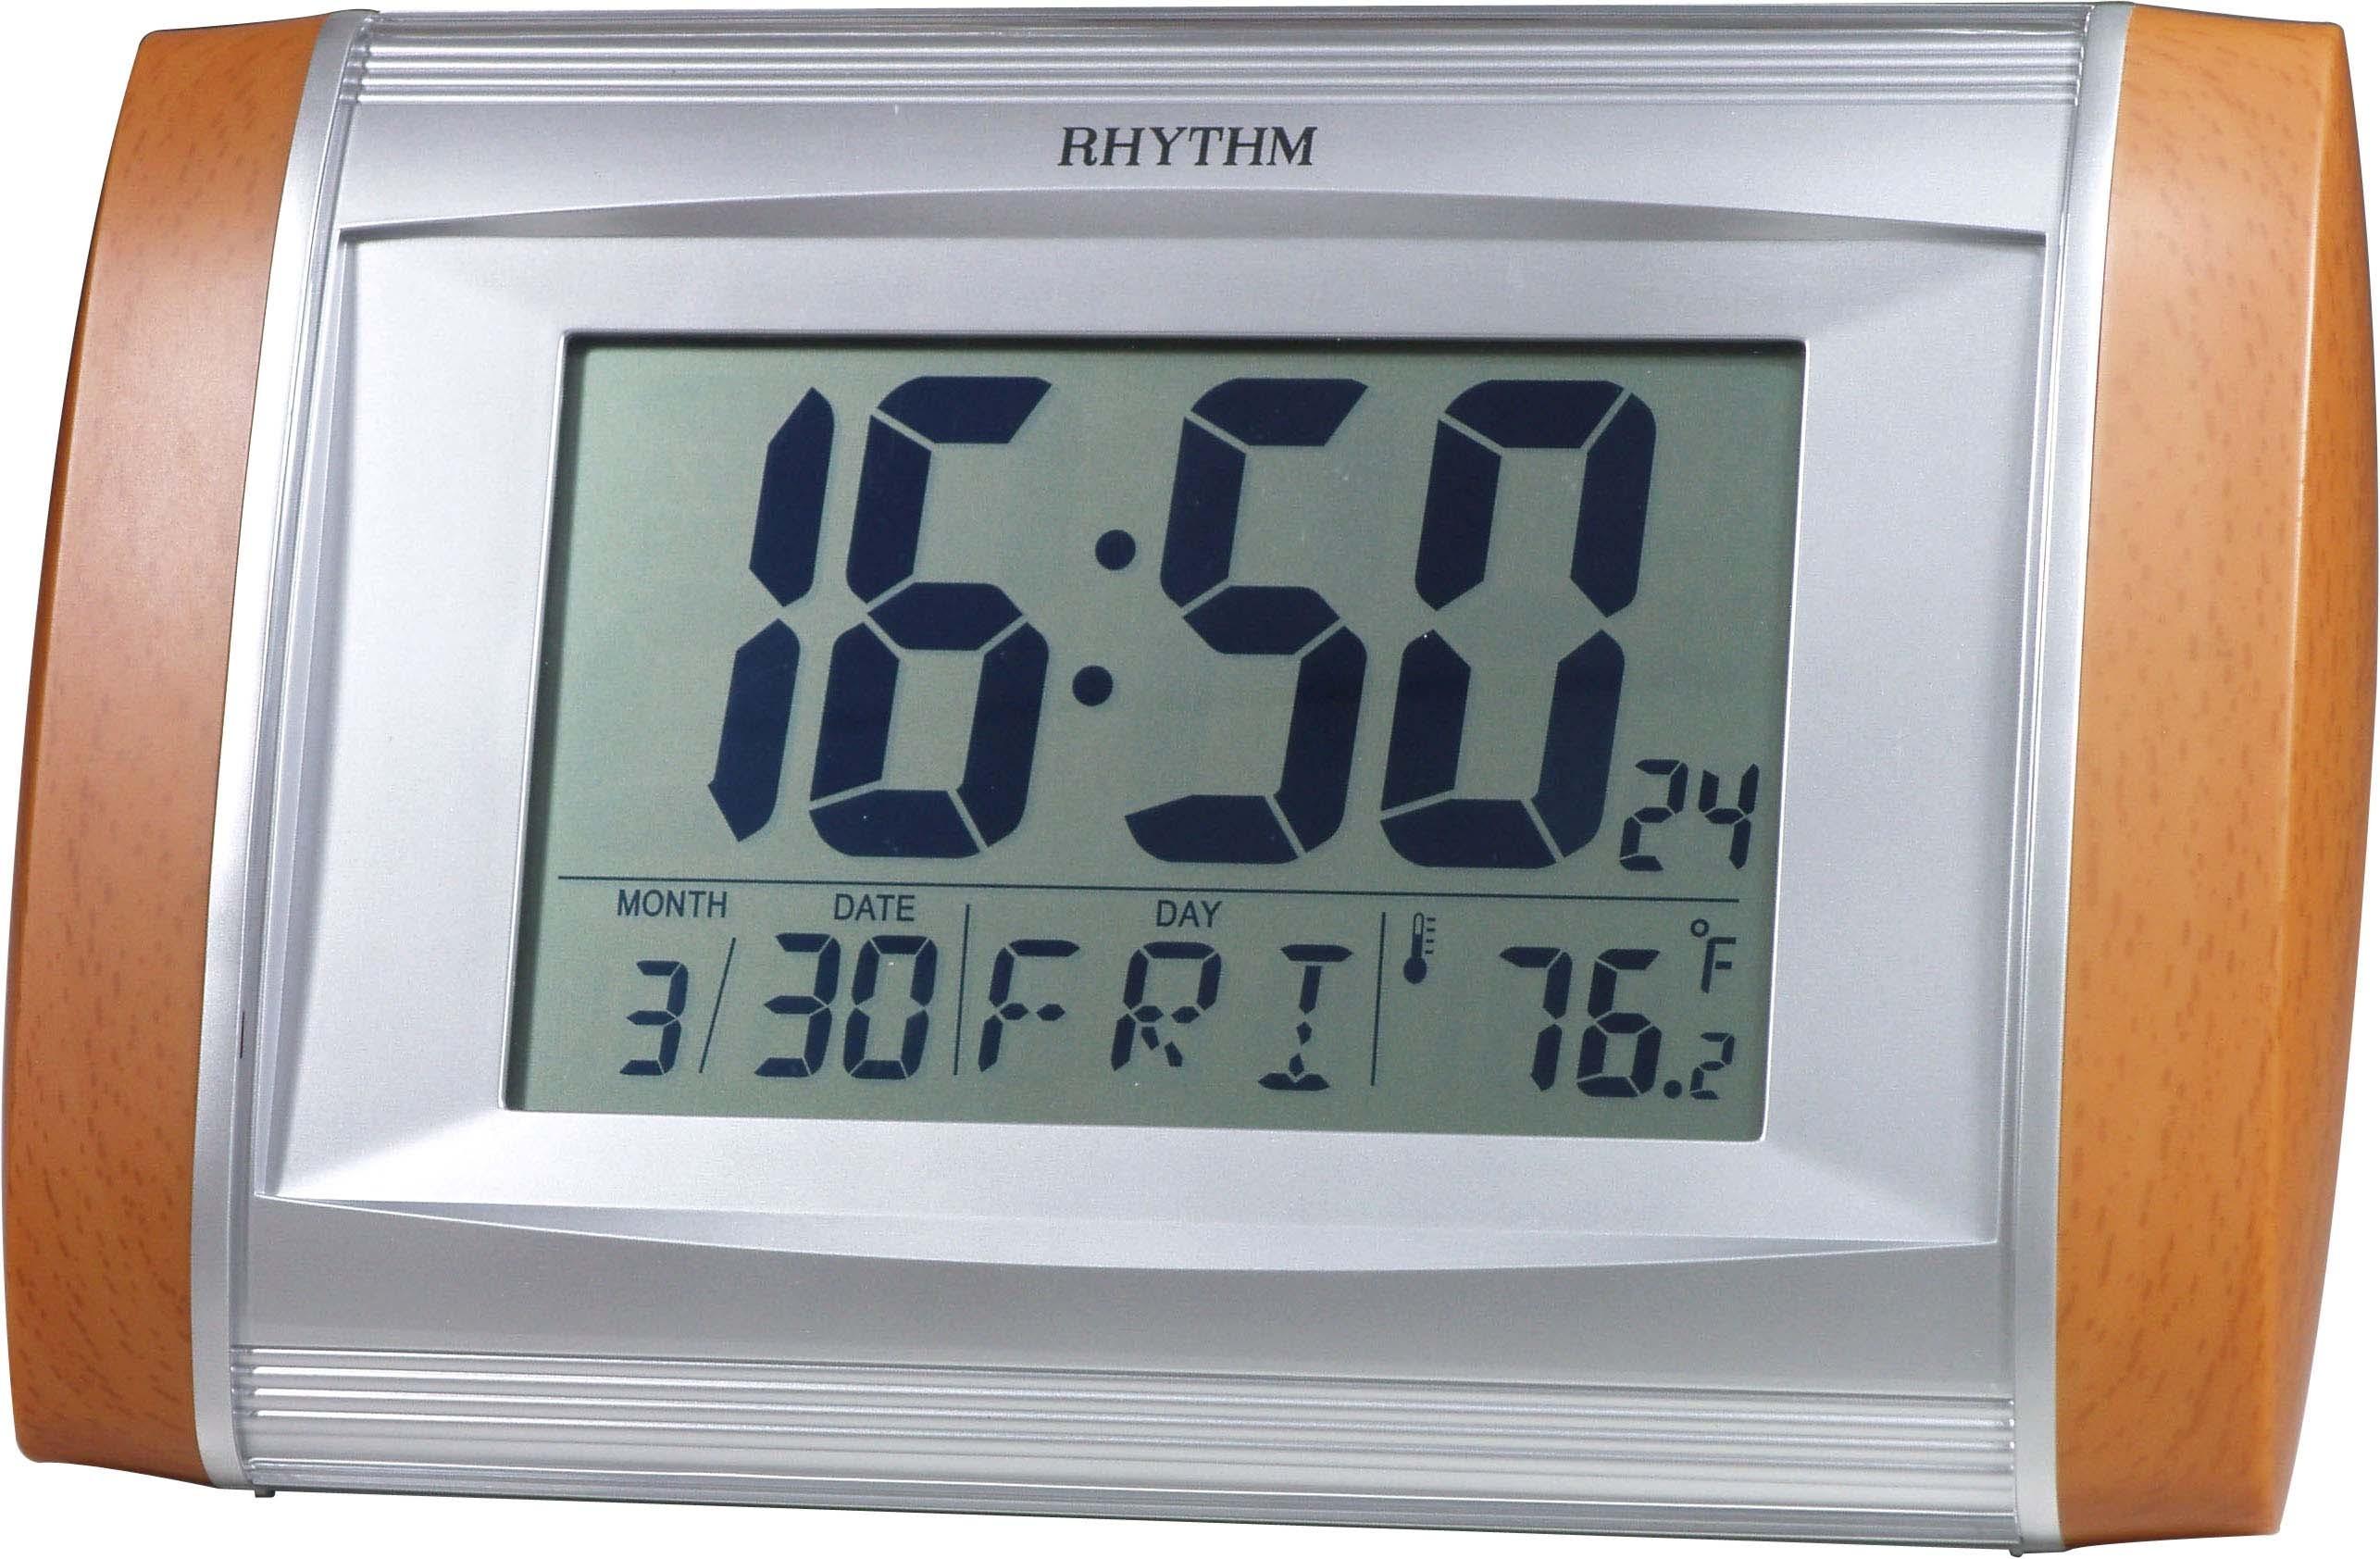 Ρολόγια    Ξυπνητήρια   Επιτραπέζια    RHYTHM Ψηφιακό ρολόι τοίχου ή ... 378593571a6